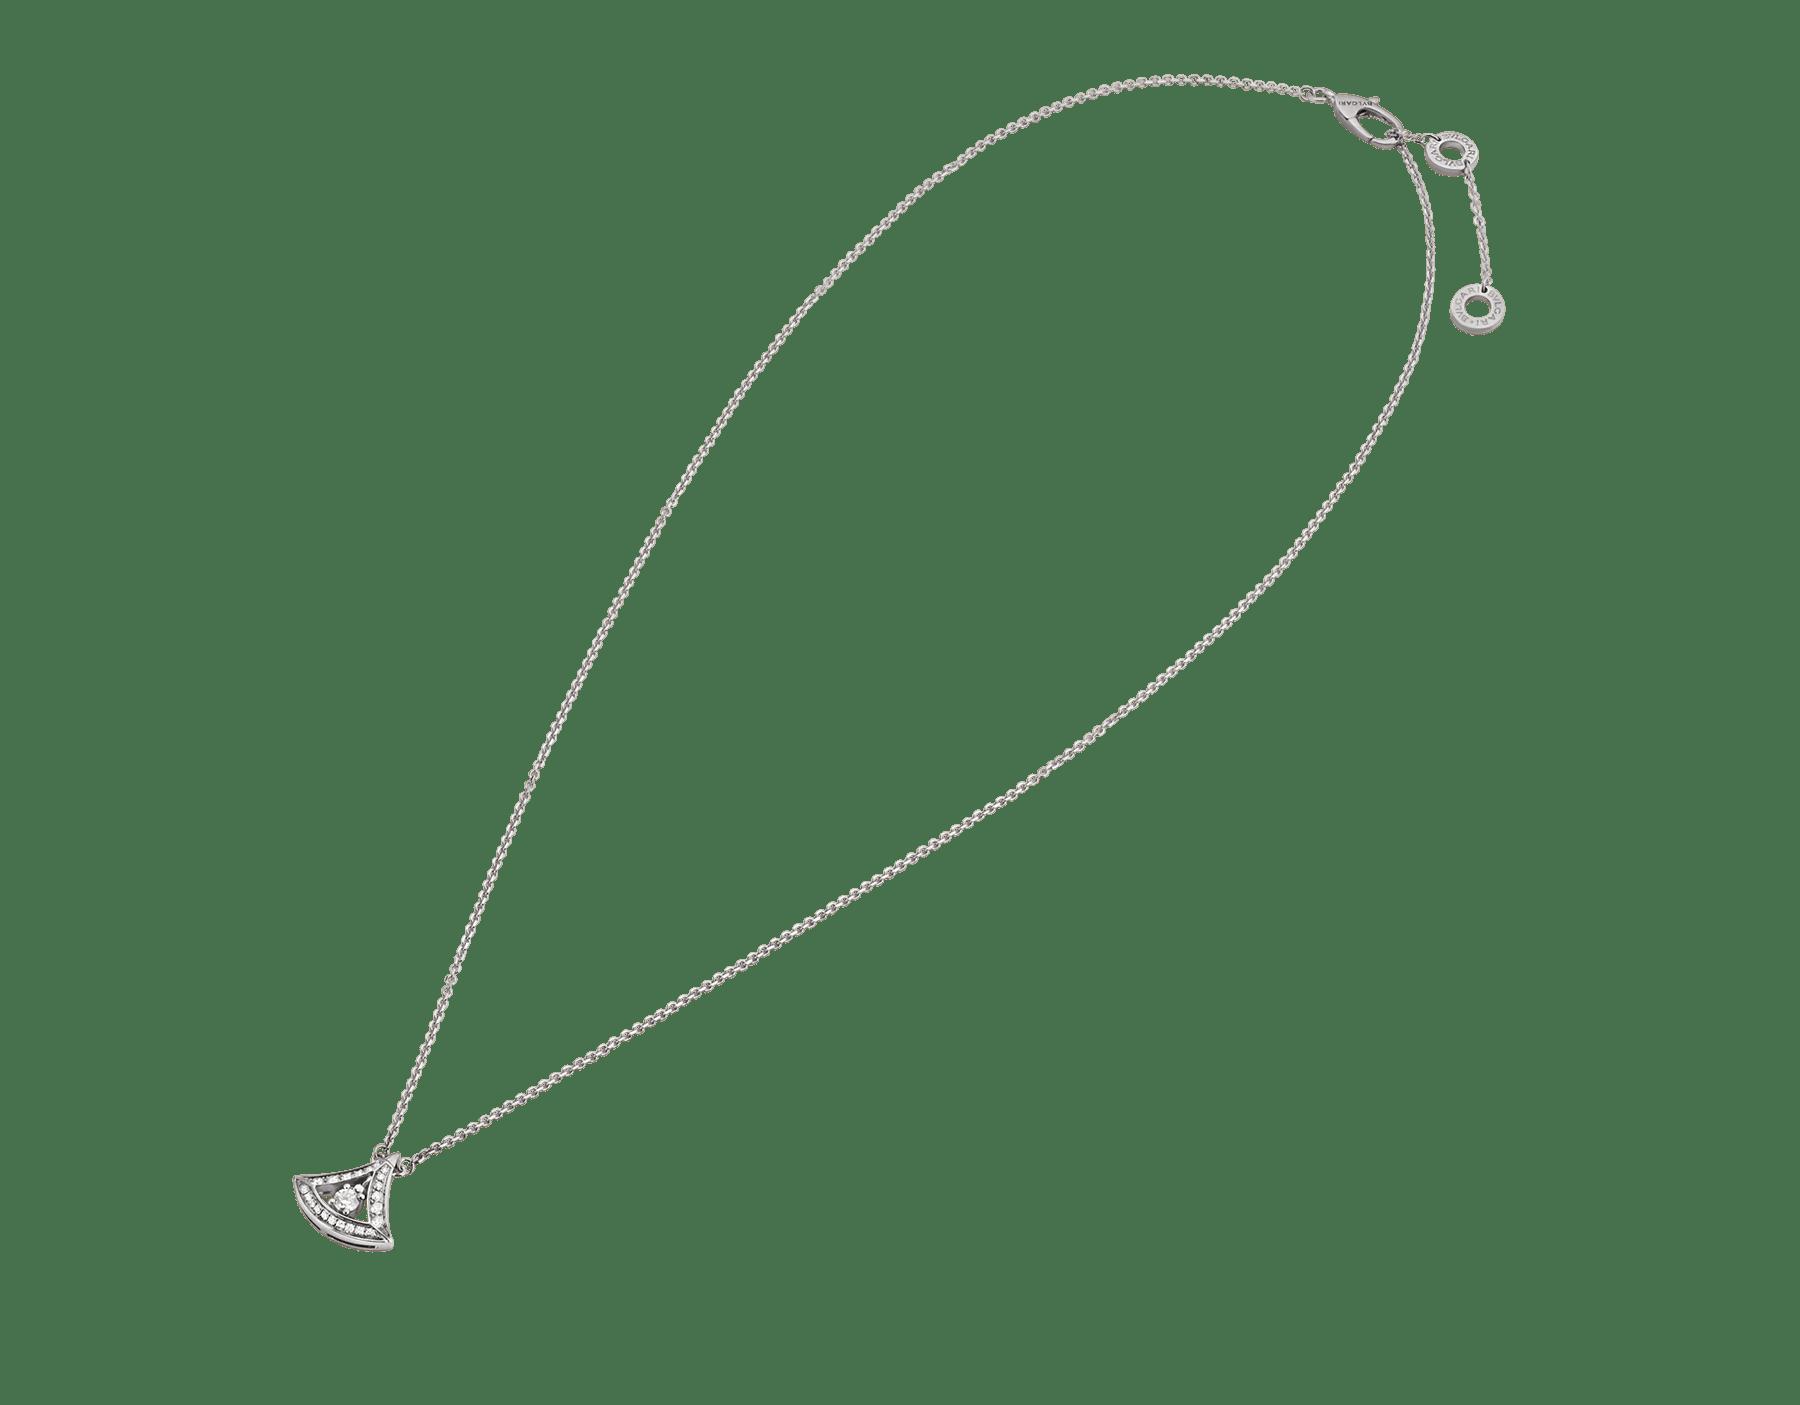 Collier ajouré DIVAS' DREAM en or blanc 18K, pendentif en or blanc 18K avec diamant de centre et pavé diamants (0,25ct). 354049 image 2